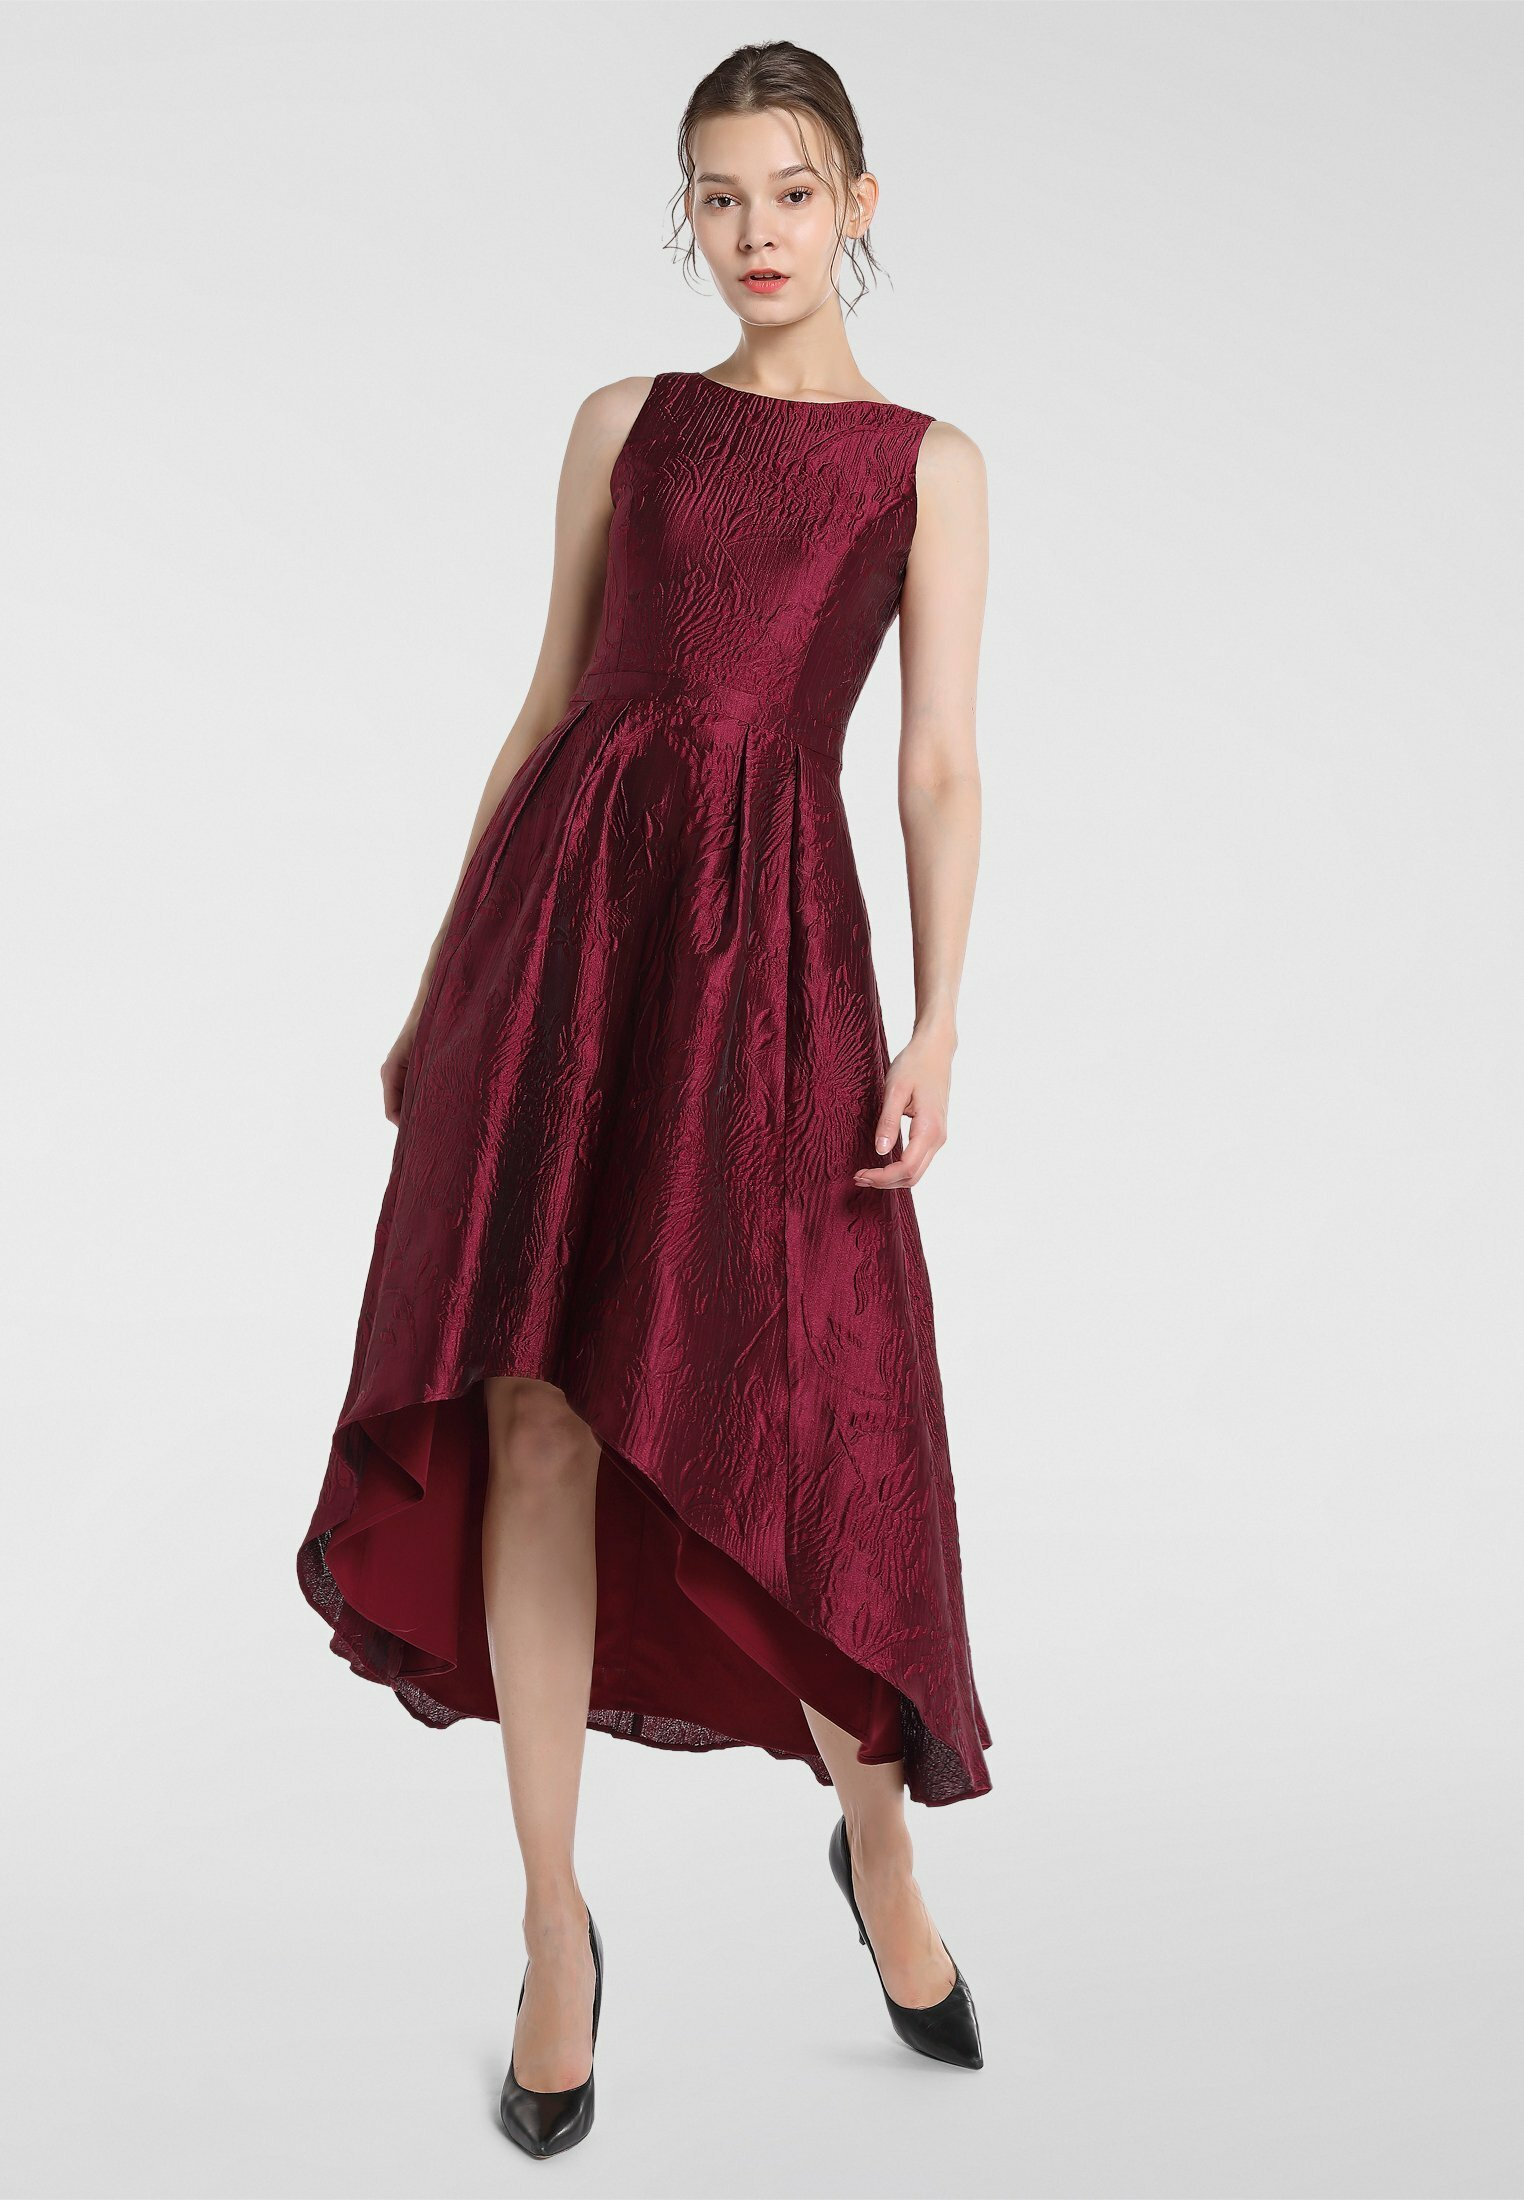 Cocktailkleid/festliches Kleid - bordeaux